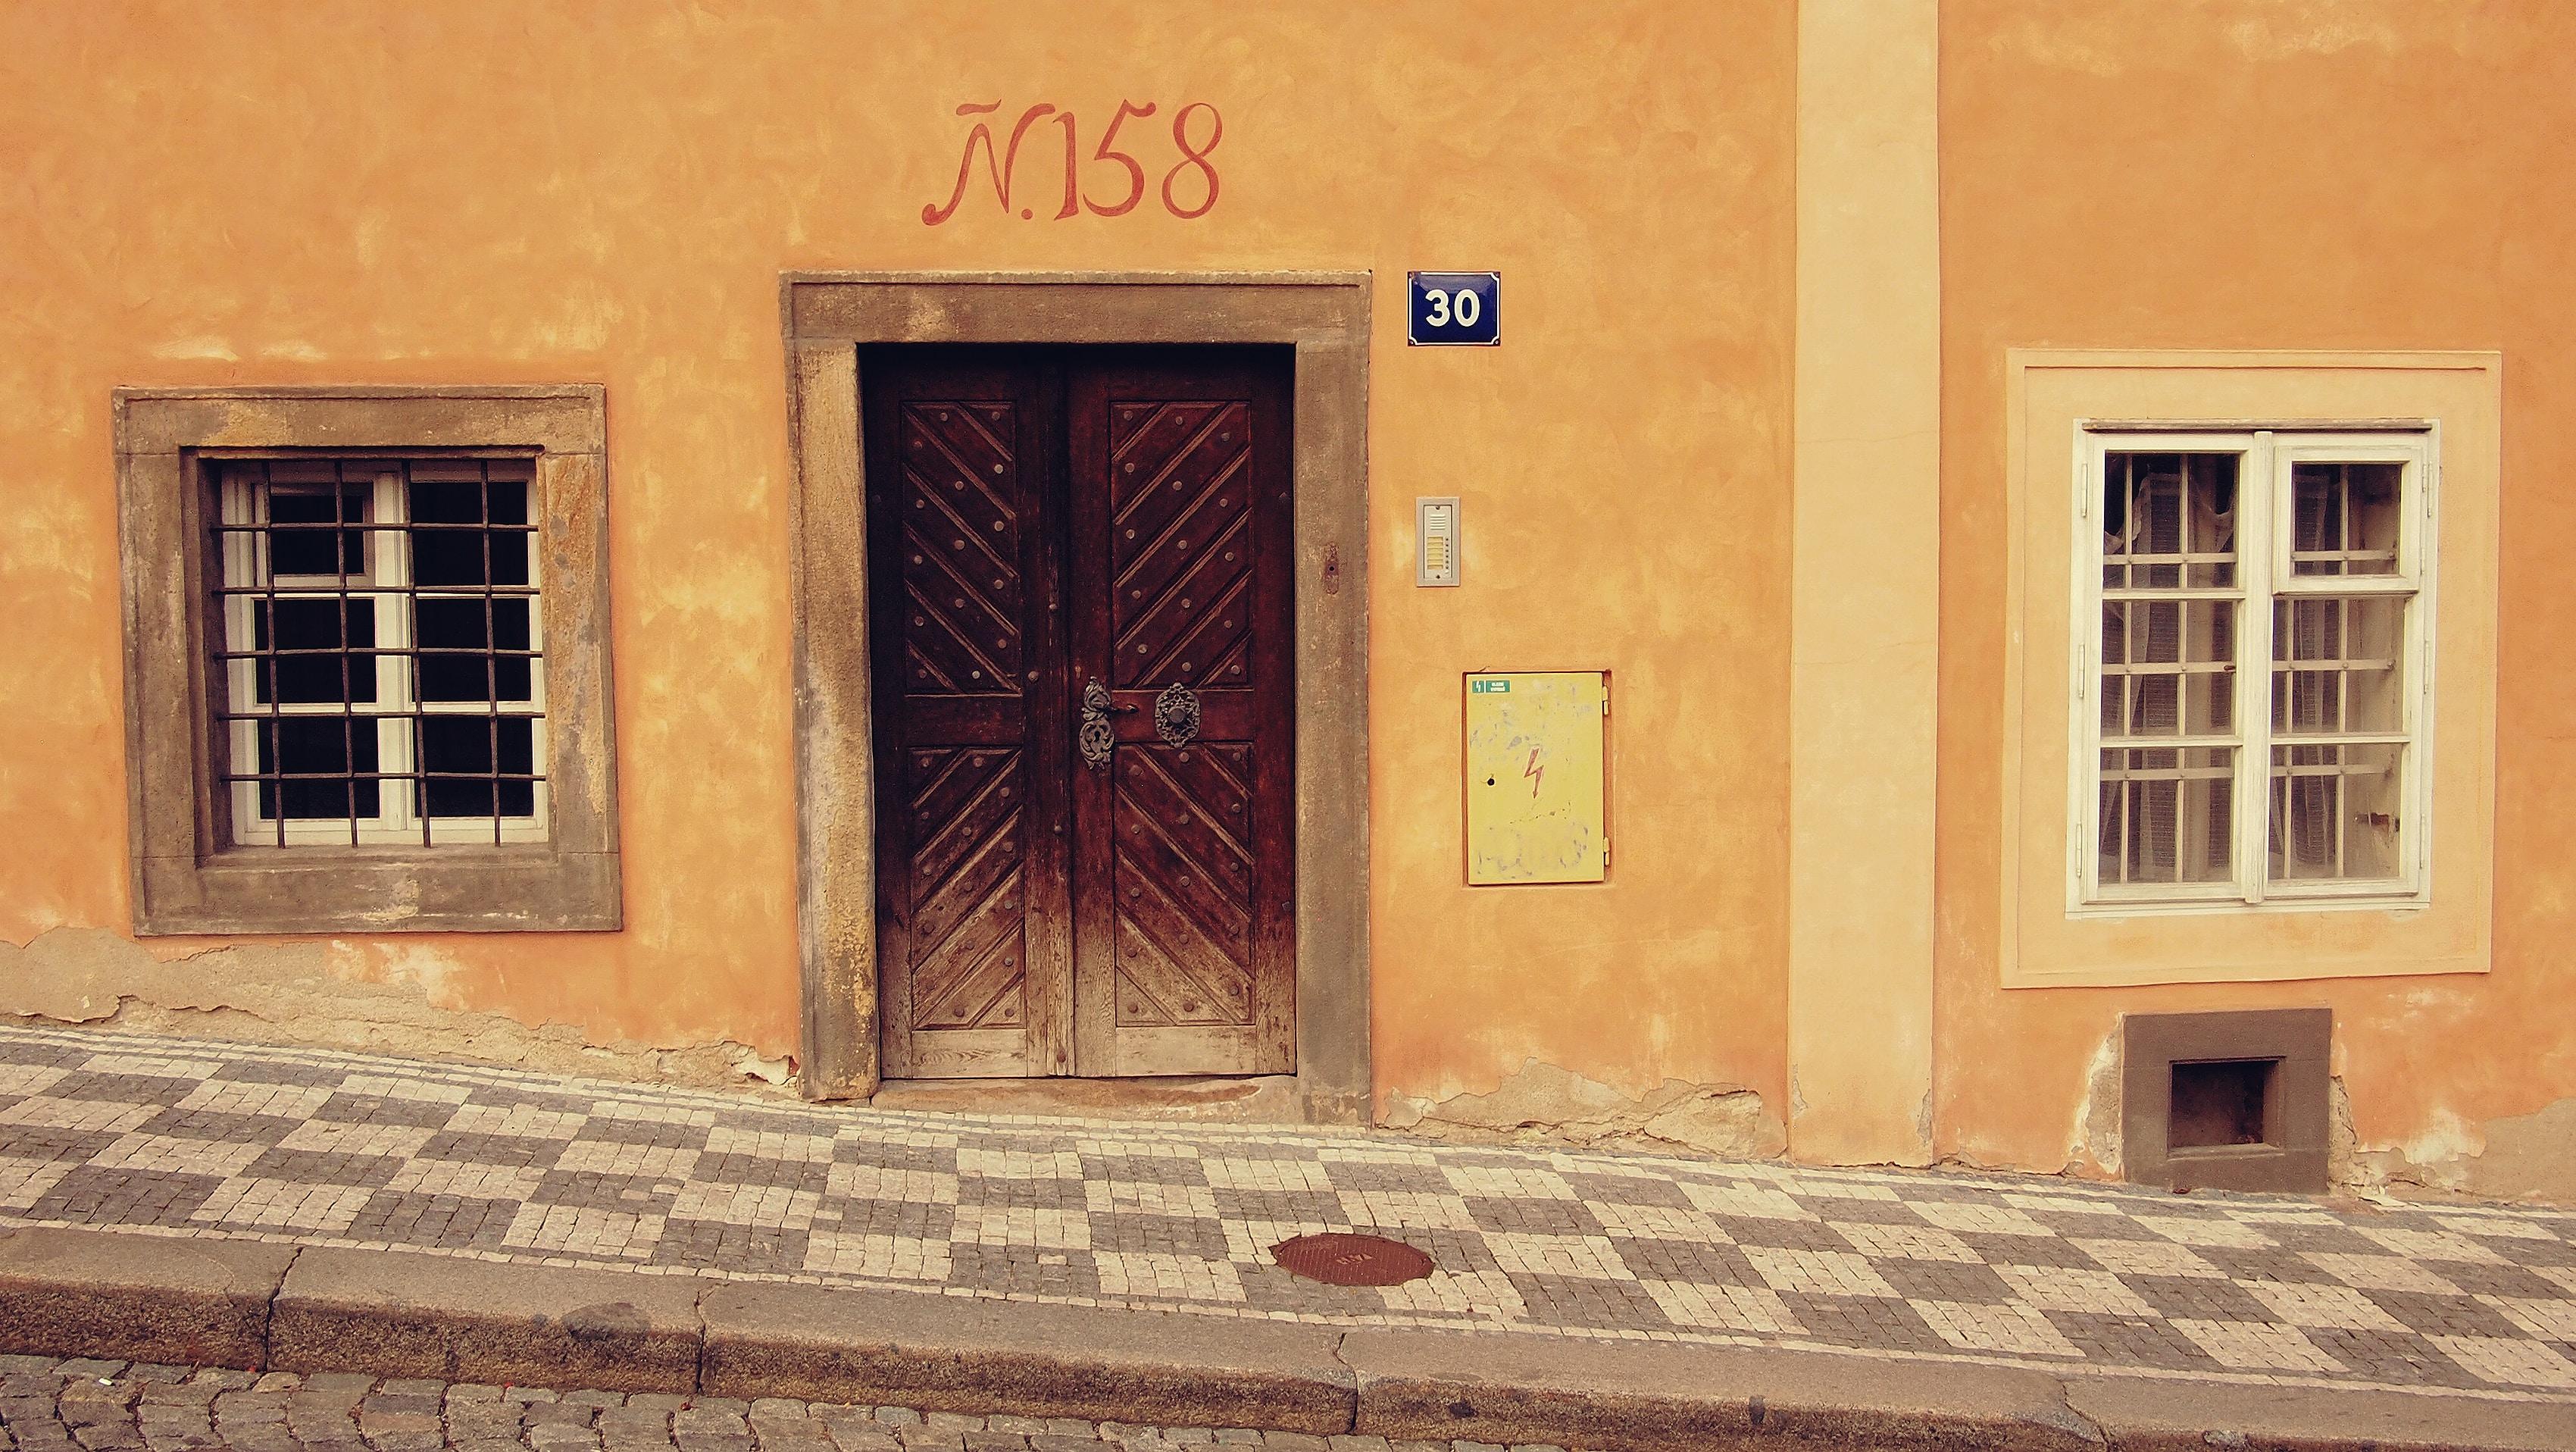 Doors | 11 best free door building house and window photos on Unsplash & Doors | 11 best free door building house and window photos on ...